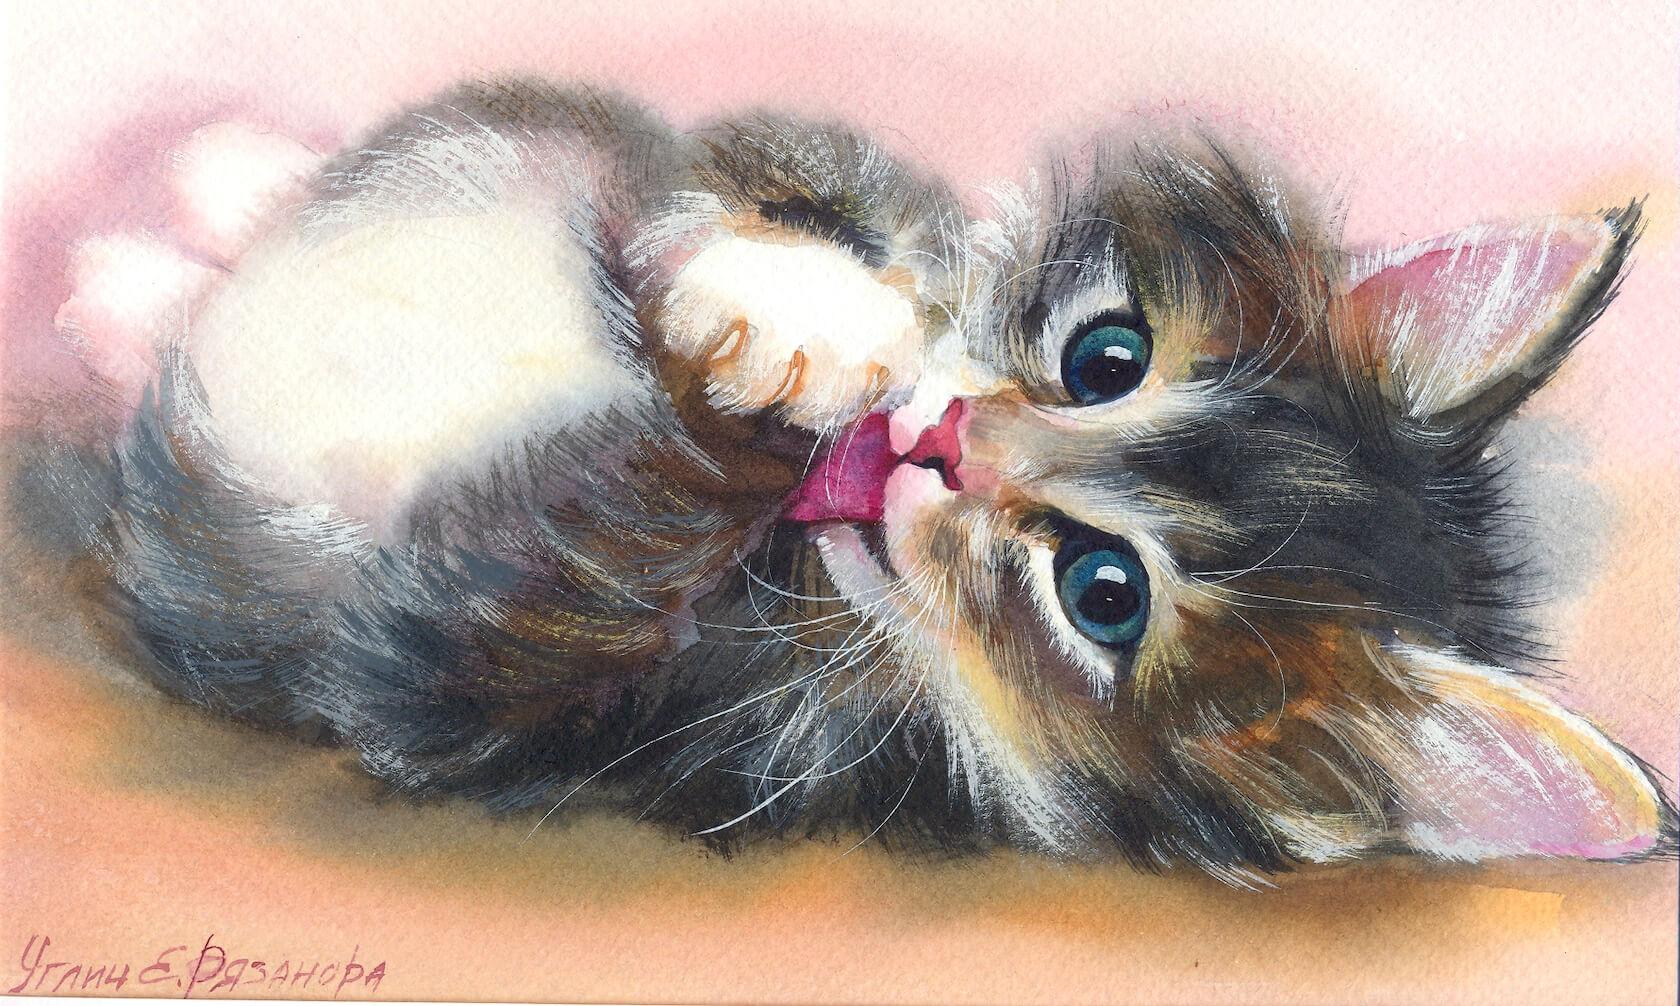 Нарисовать кота для открытки, добрым